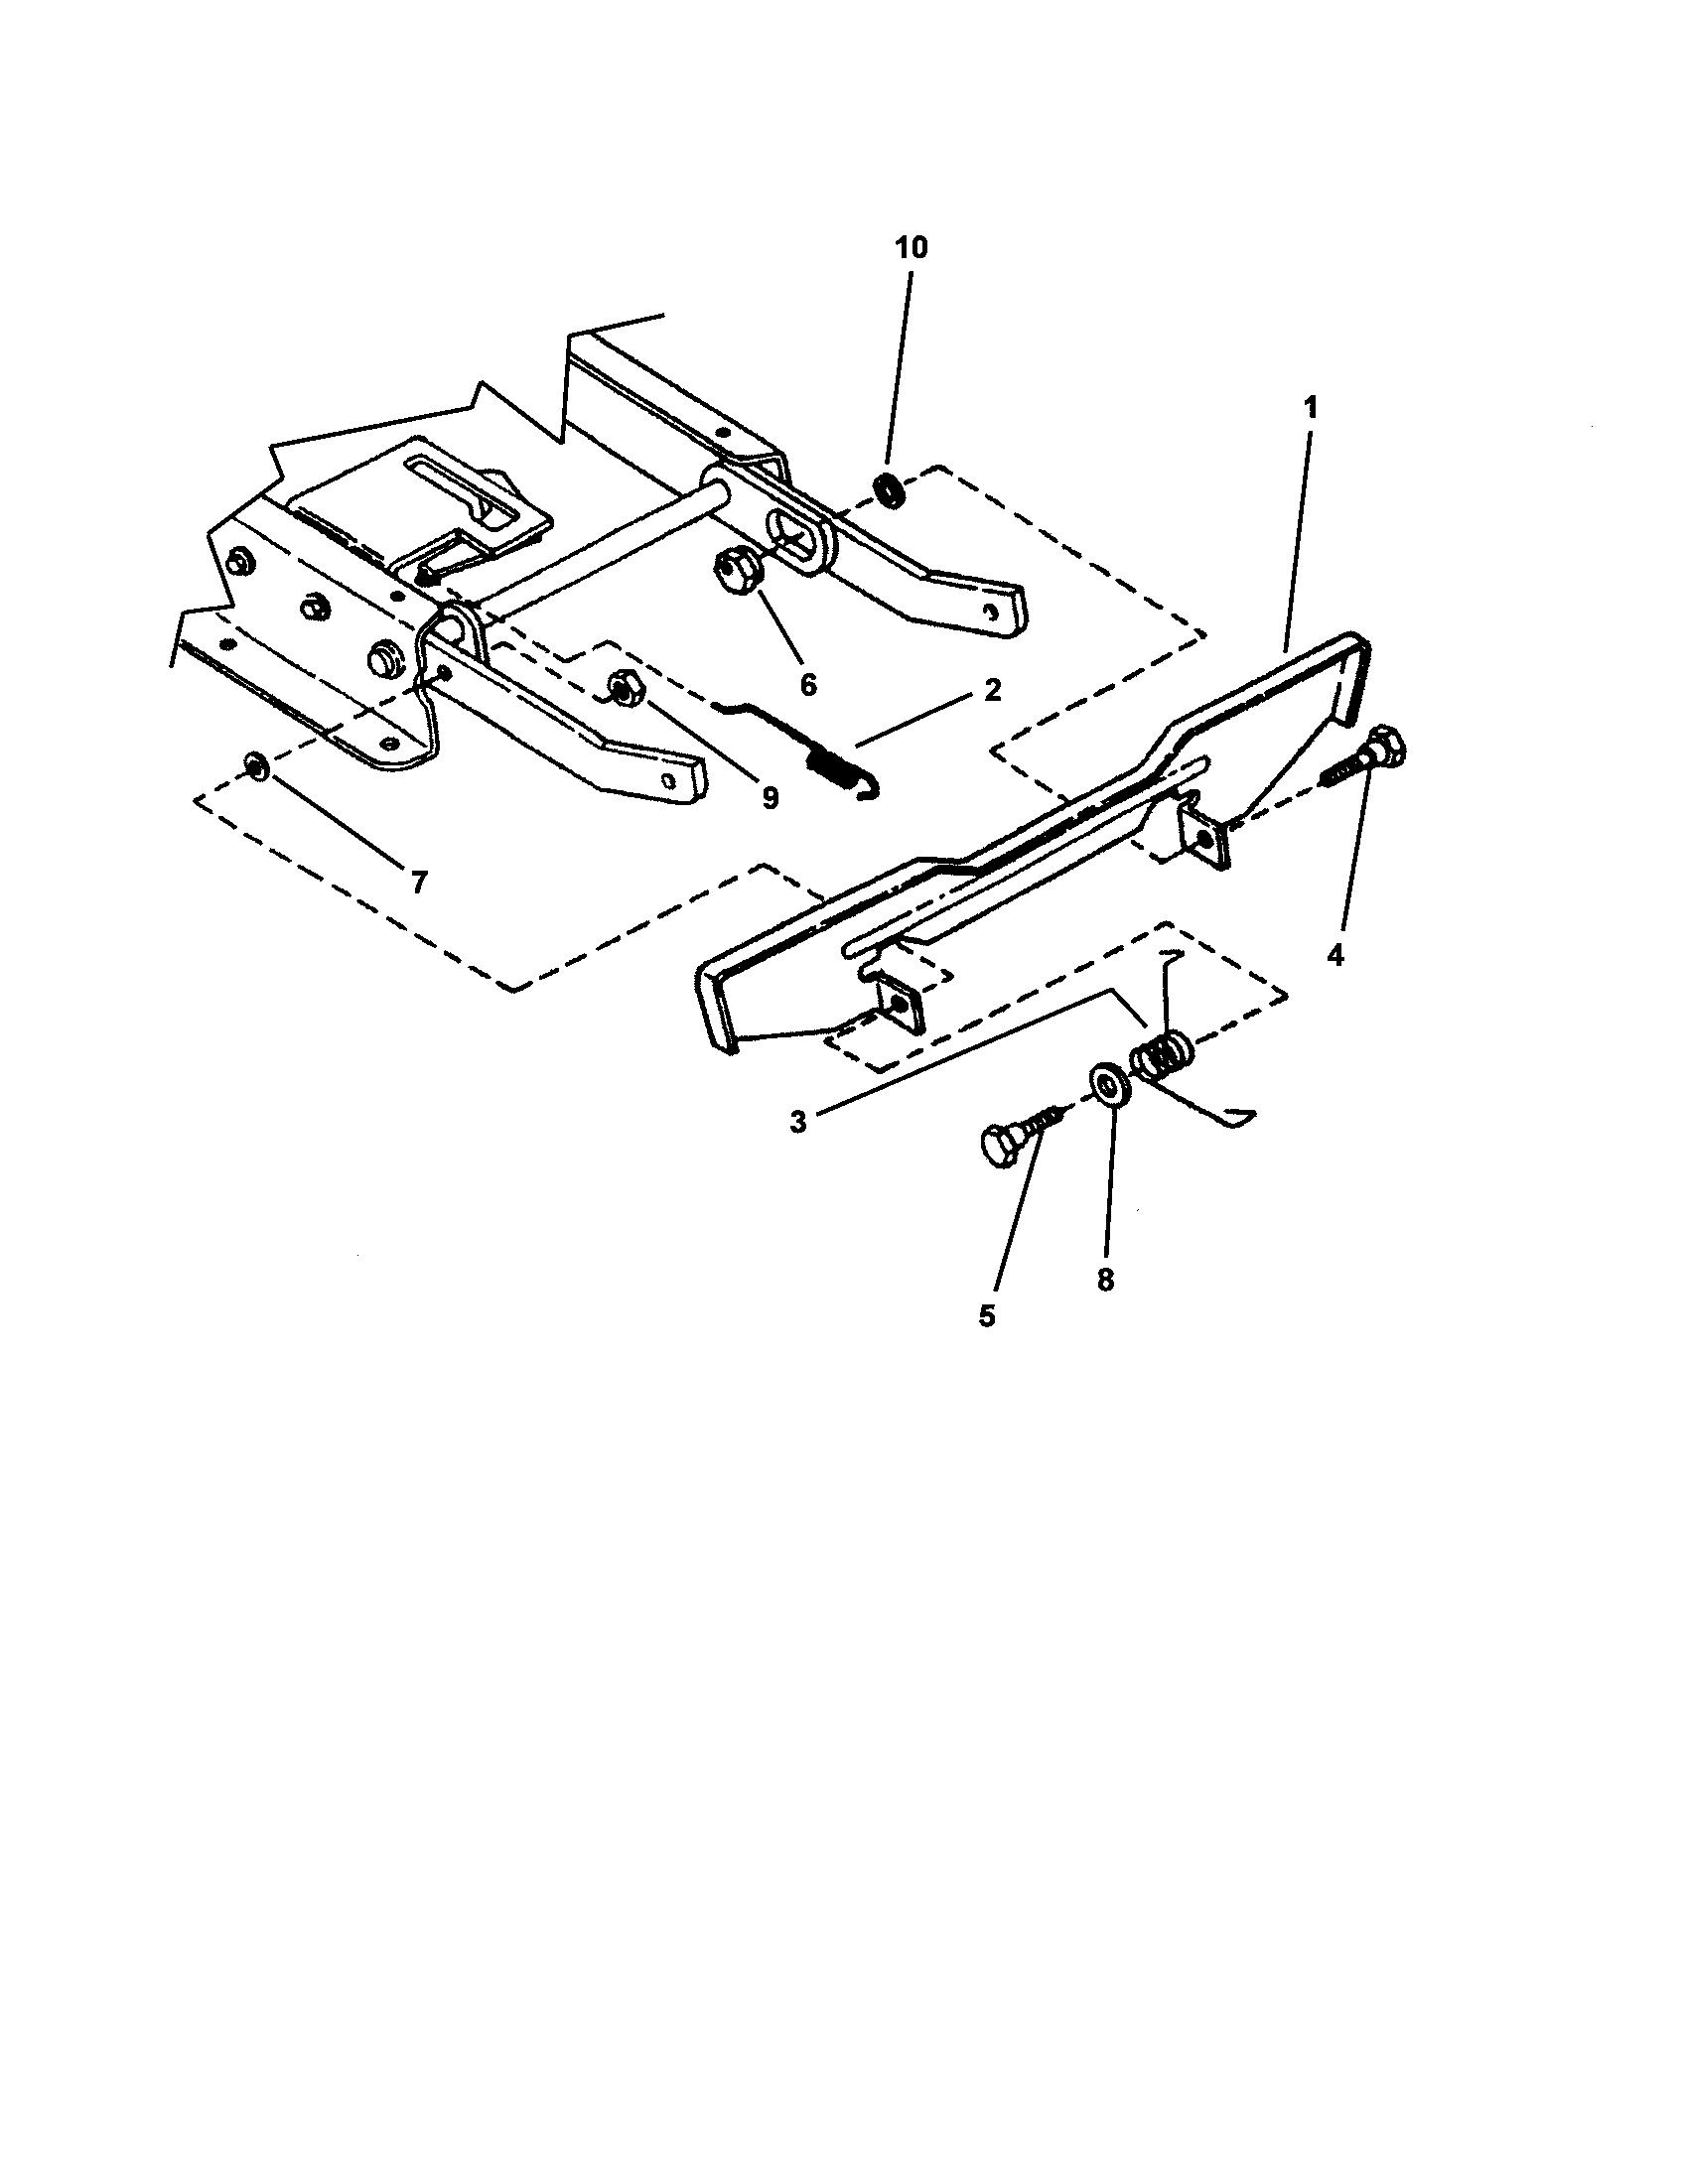 Case 444 wiring diagram additionally kohler engine part numbers additionally k161 kohler engine parts diagram besides